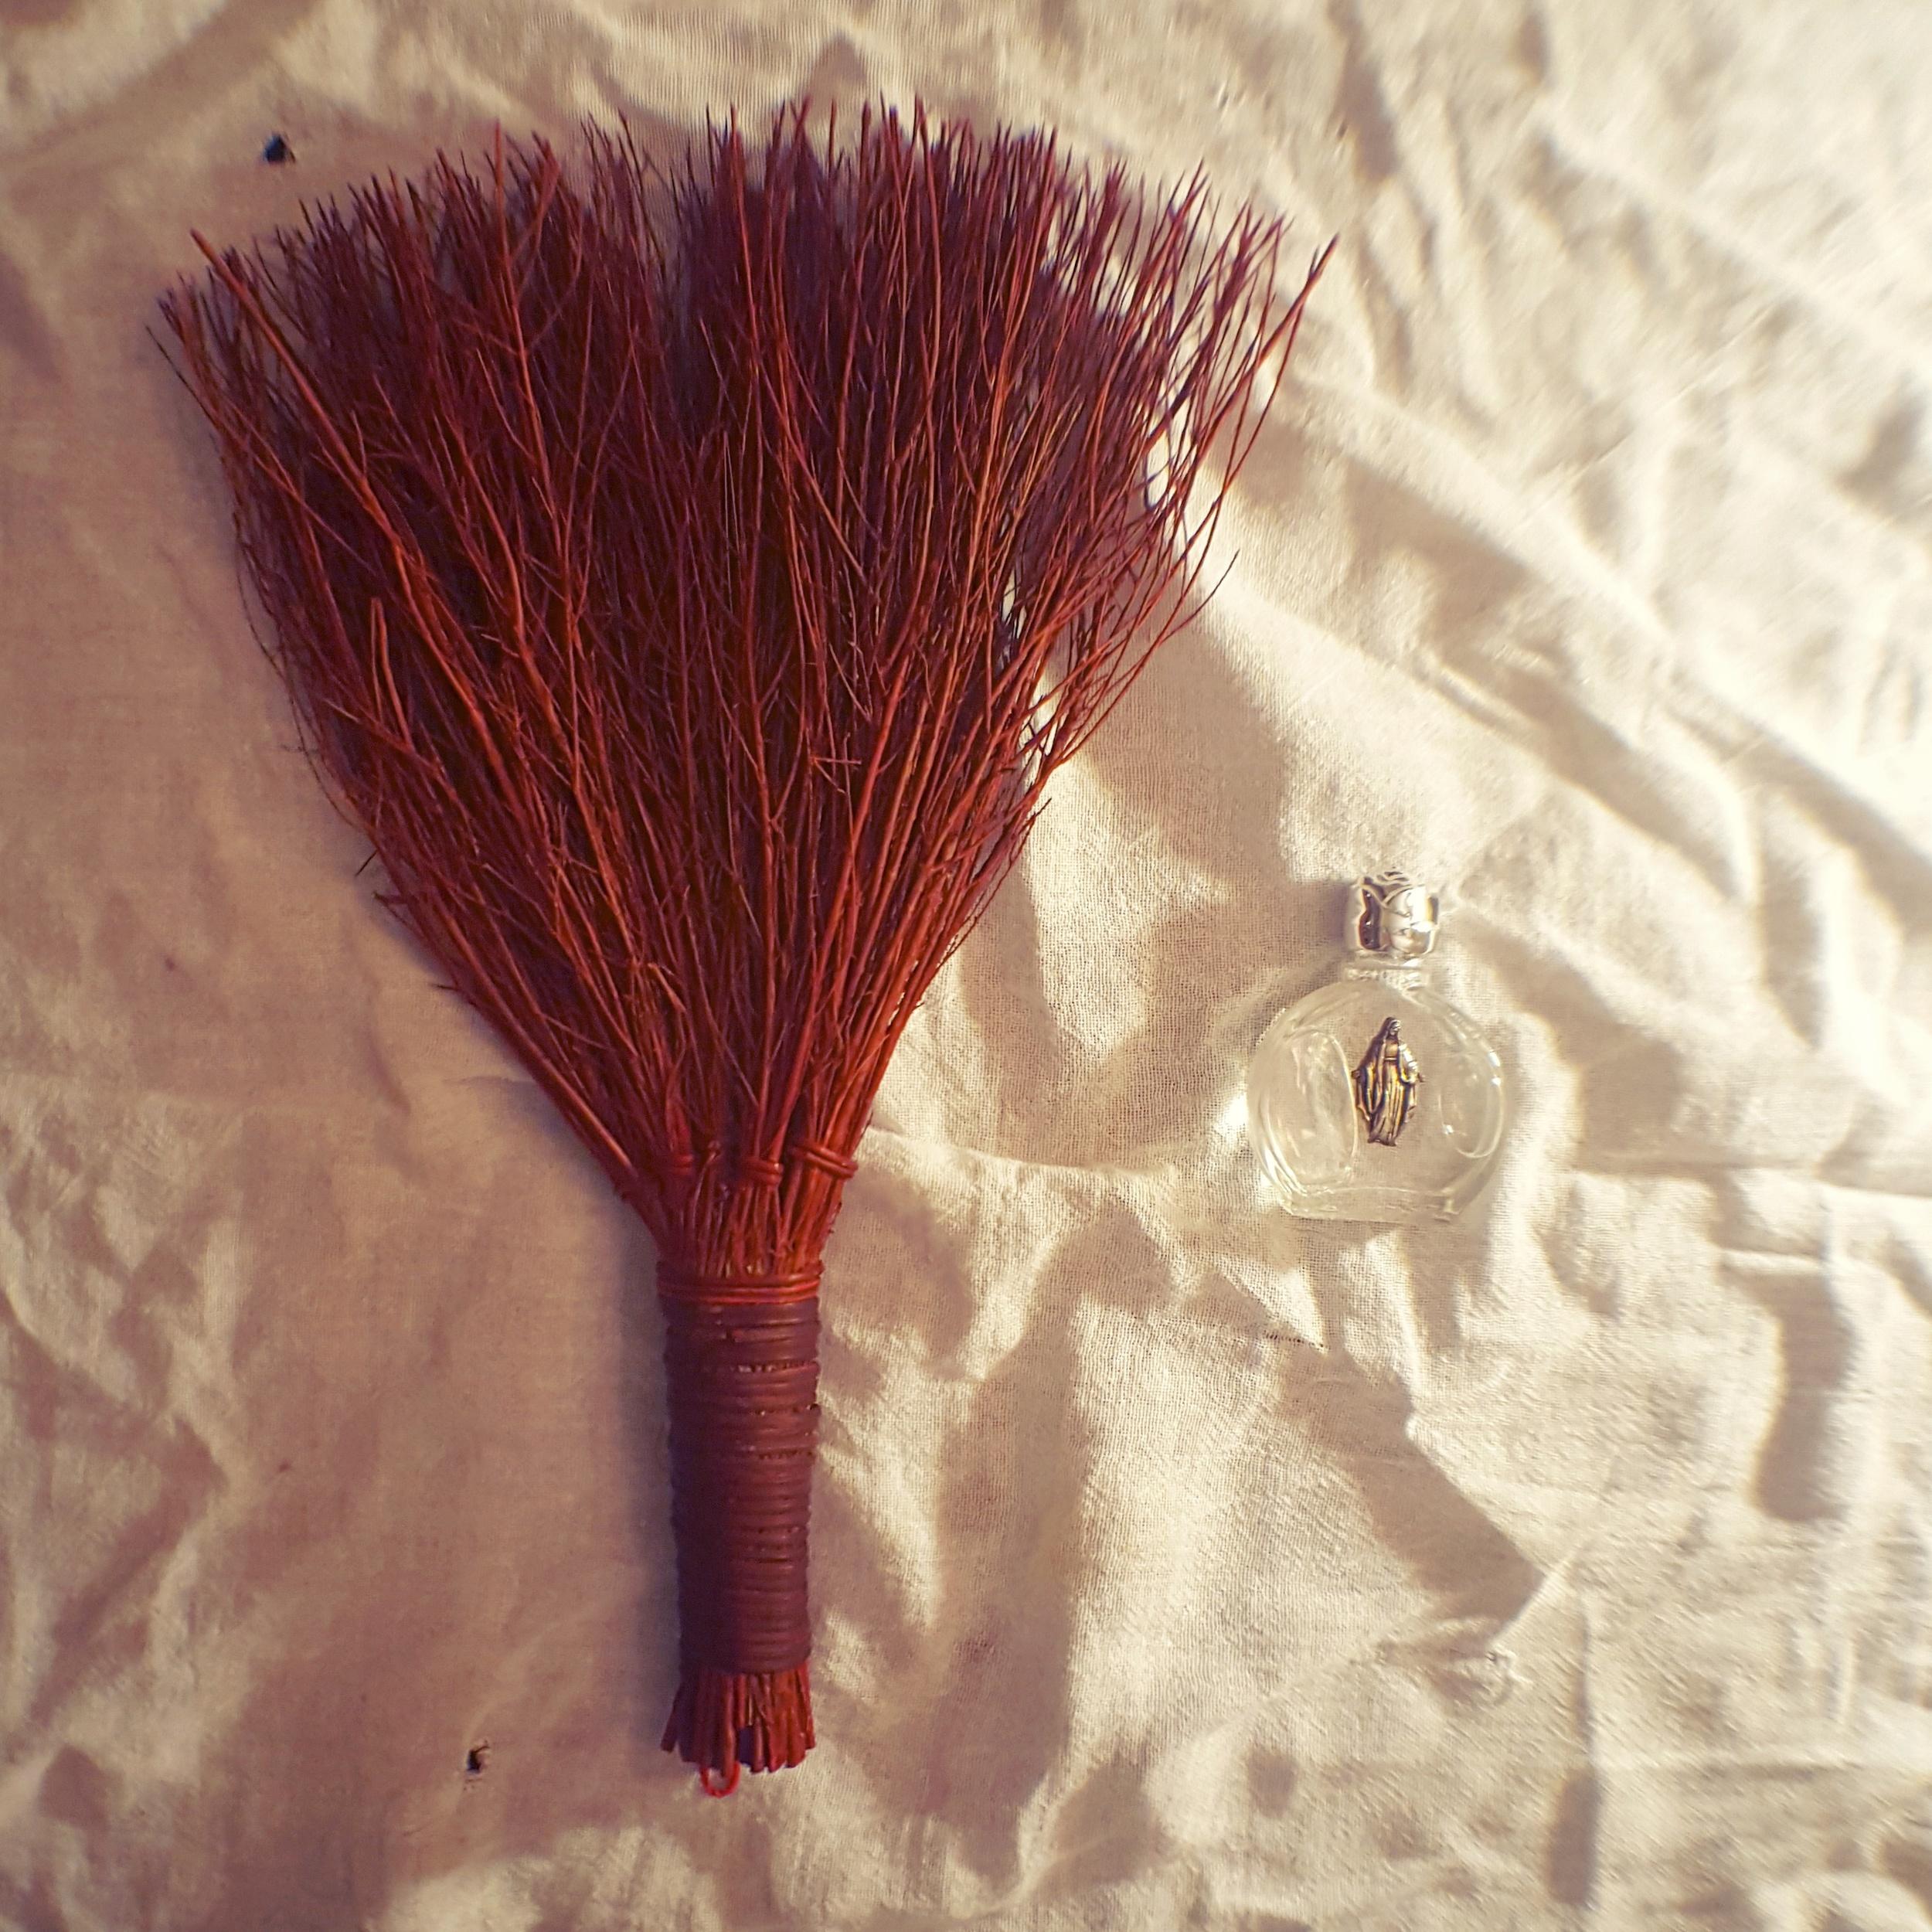 Aura-sweeping broom & holy water.